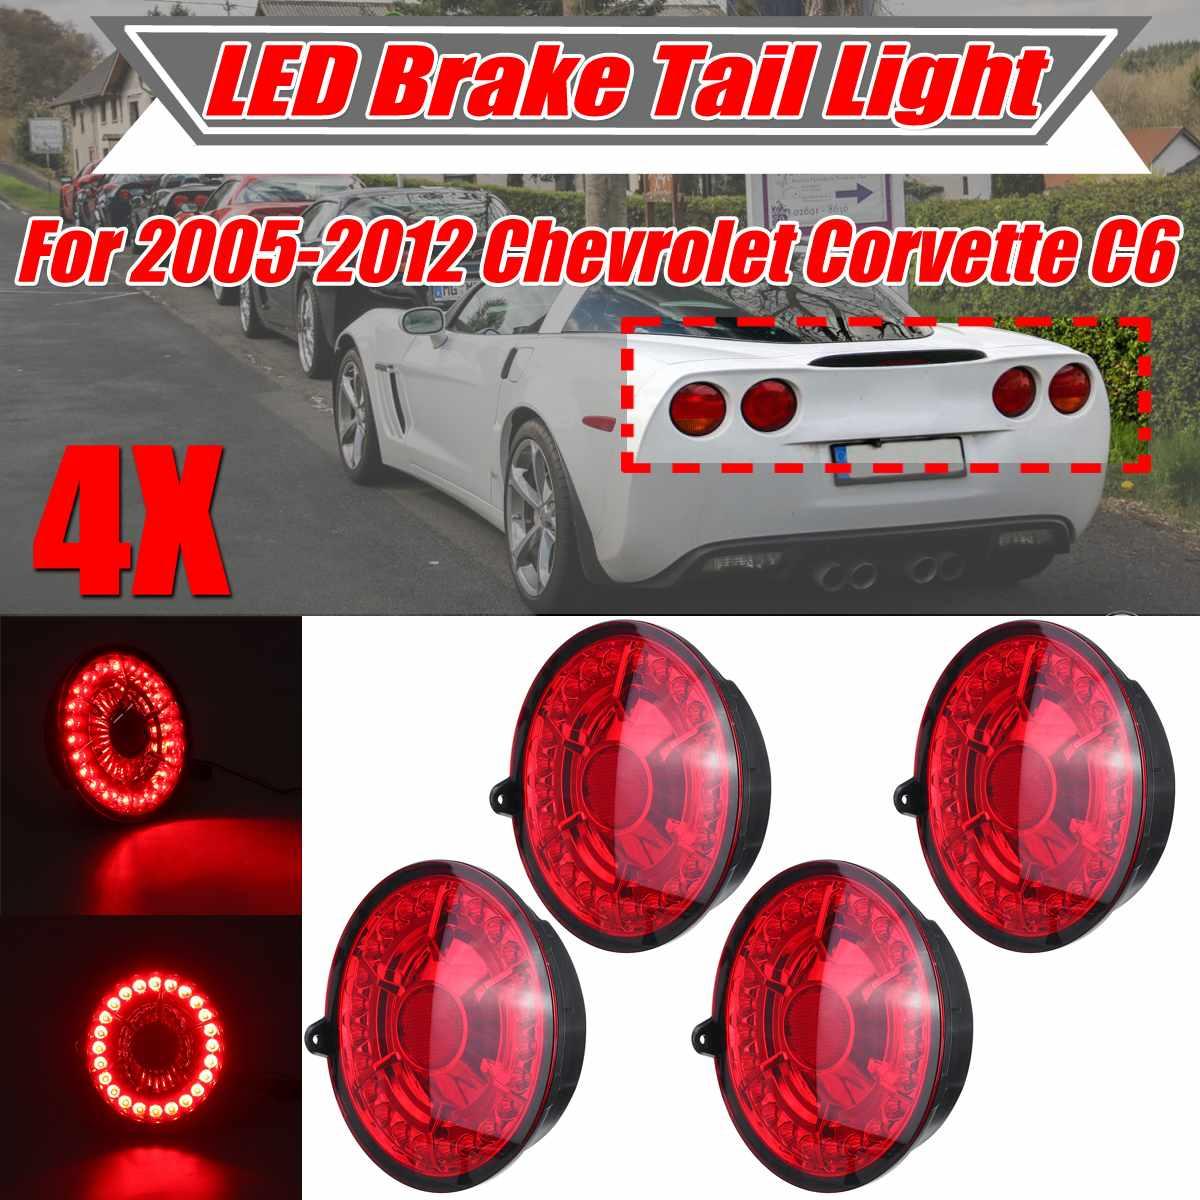 4 шт. C6 Автомобильный светодиодный задний фонарь s стоп стоп, светильник светодиодный стоп сигнал, задний стоп светильник, лампы для Chevrolet